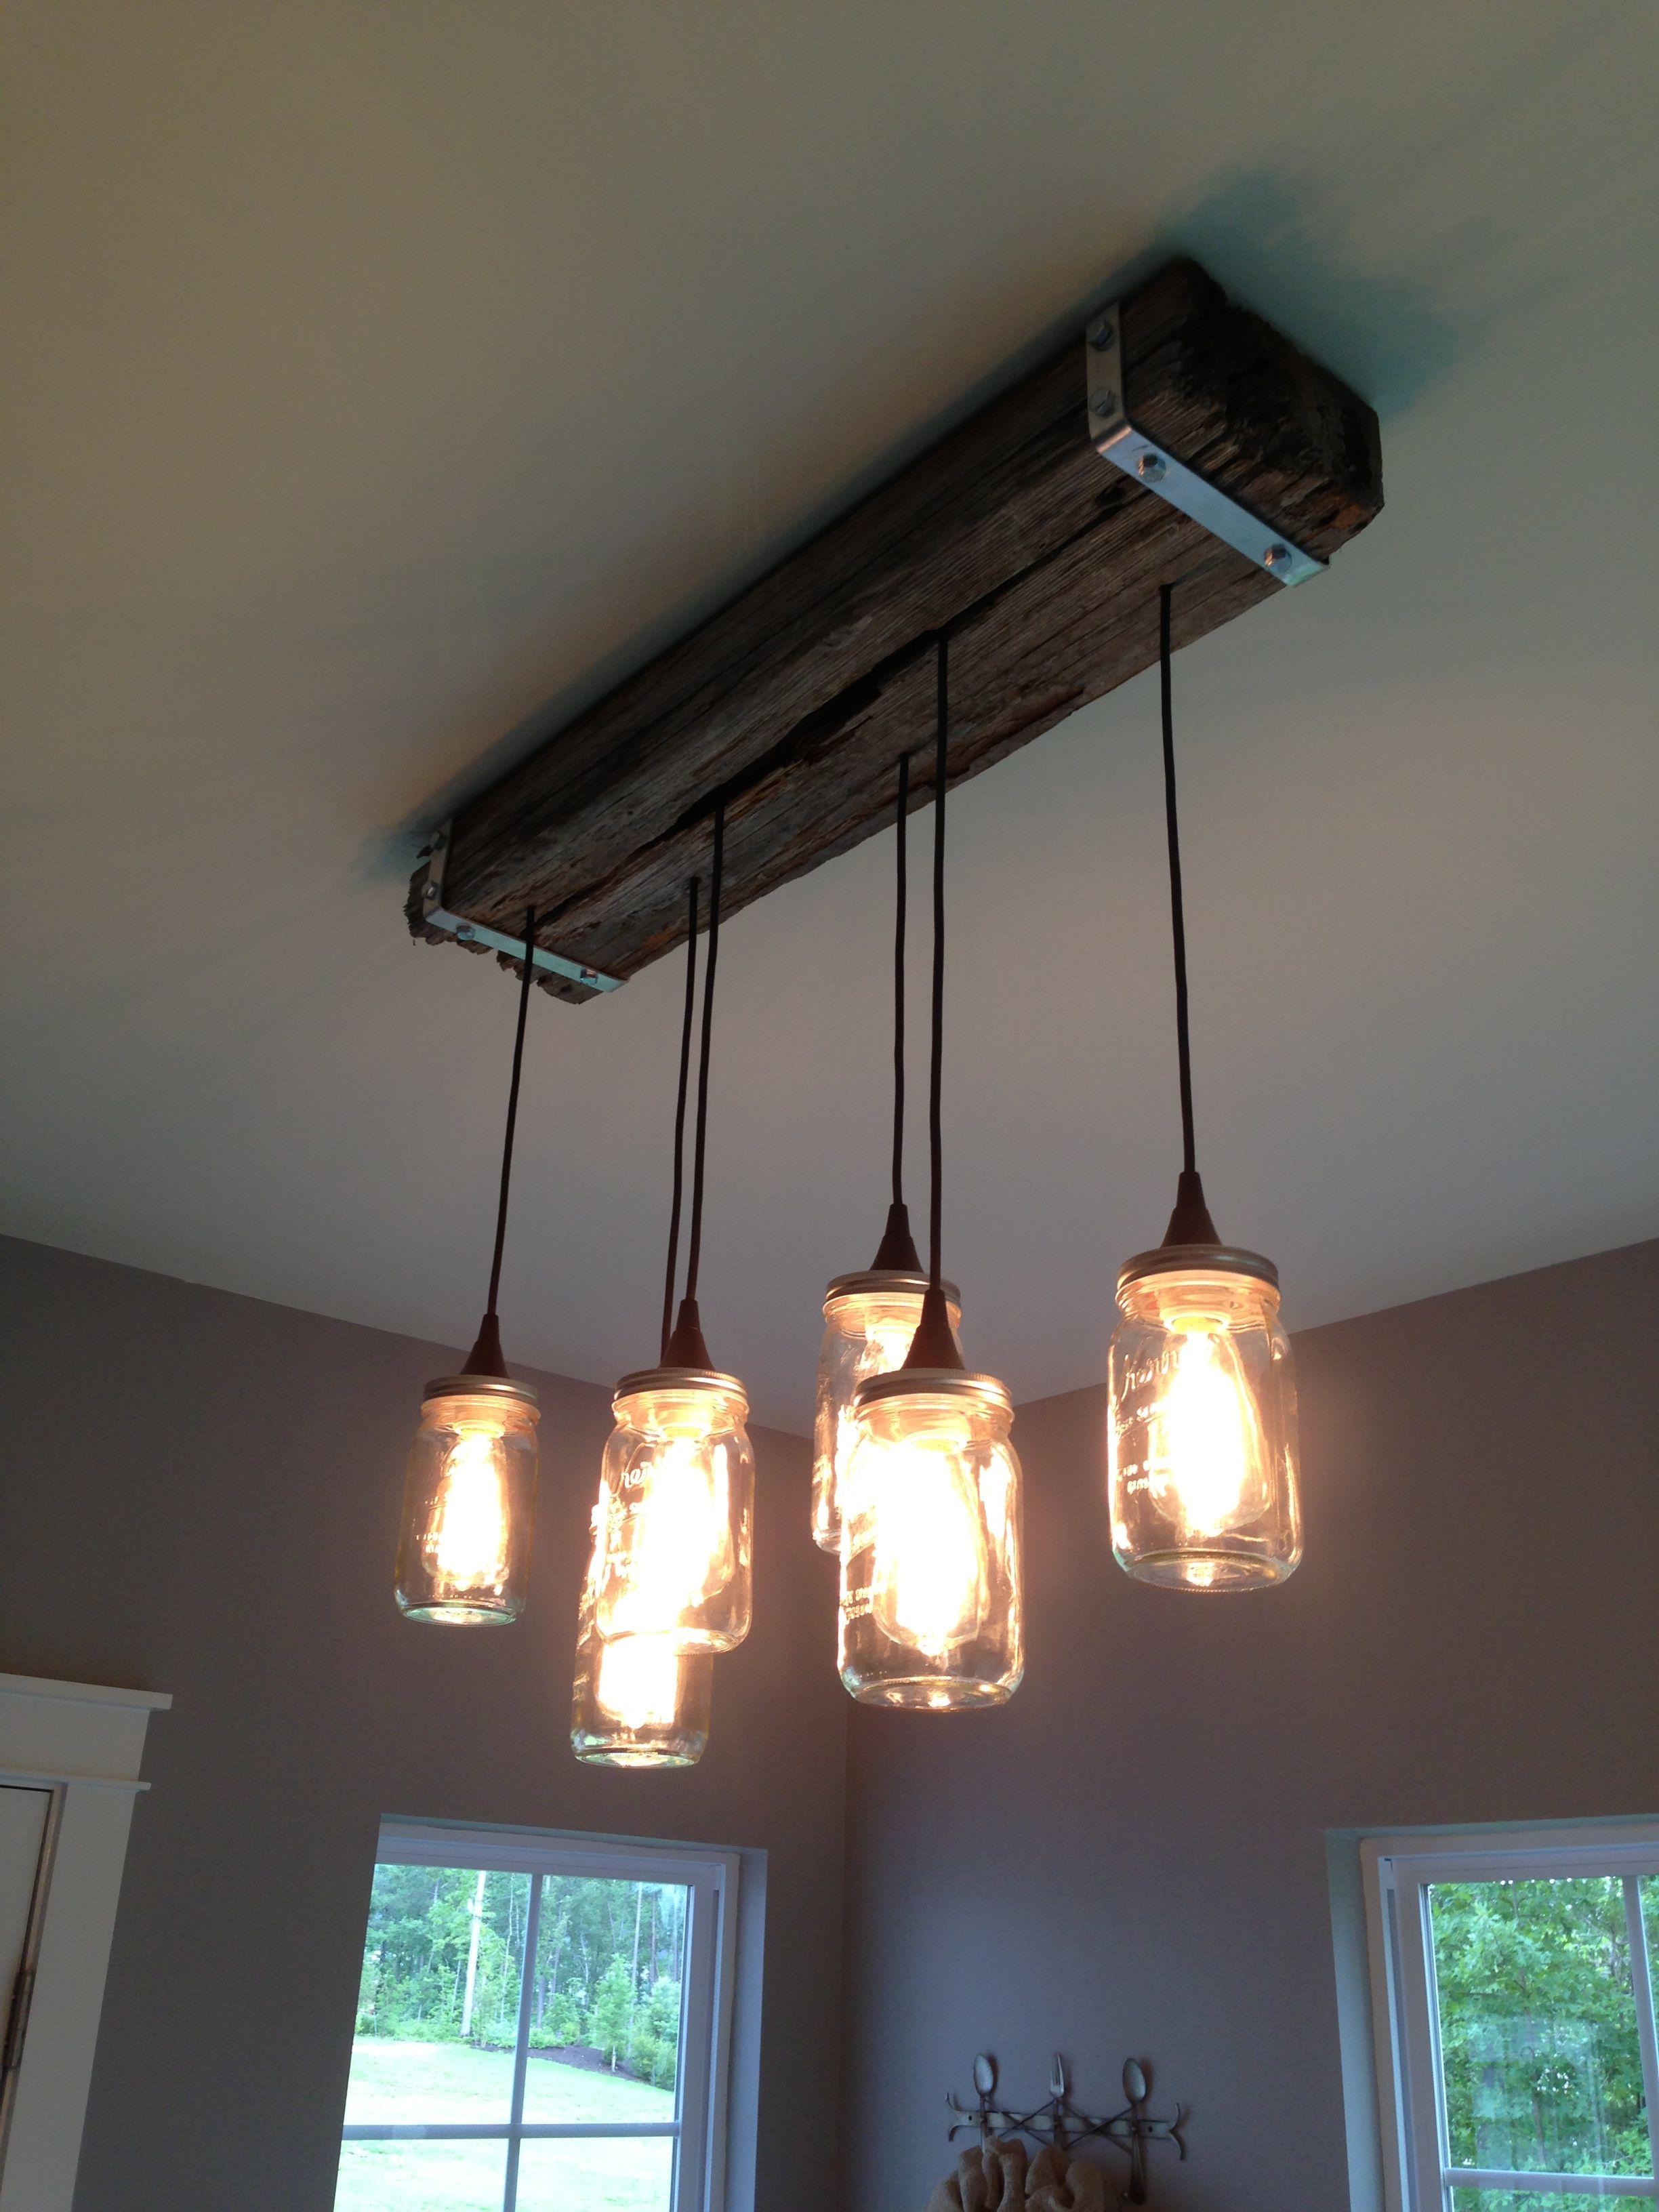 Mason jar and reclaimed wood light fixture. Wooden light